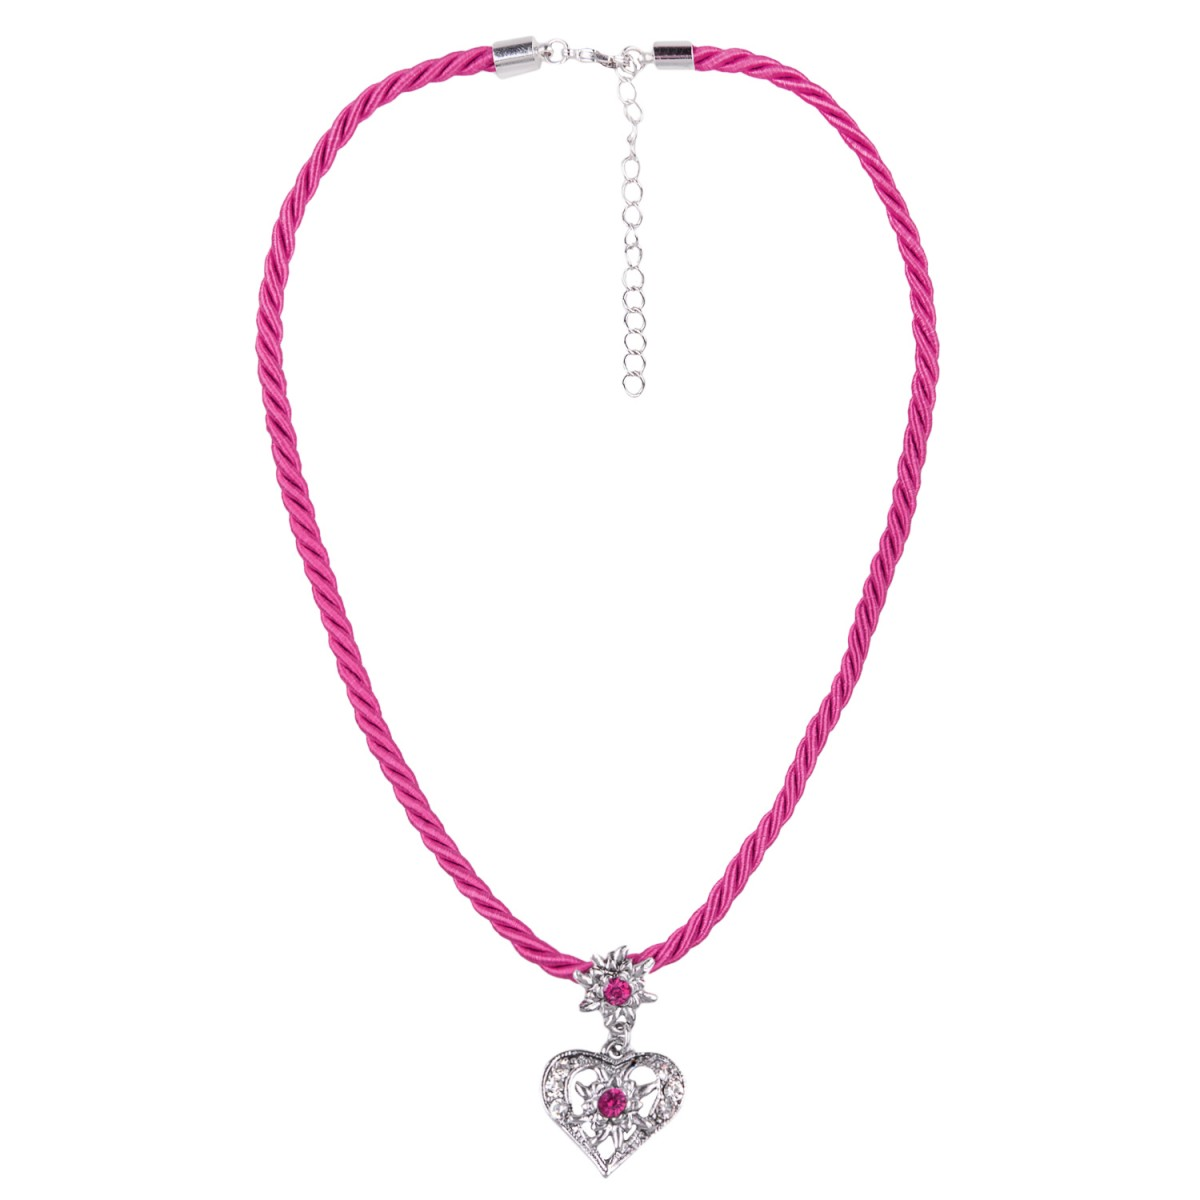 Kordelkette in Pink mit Herzanhänger von Schlick Accessoires günstig online kaufen